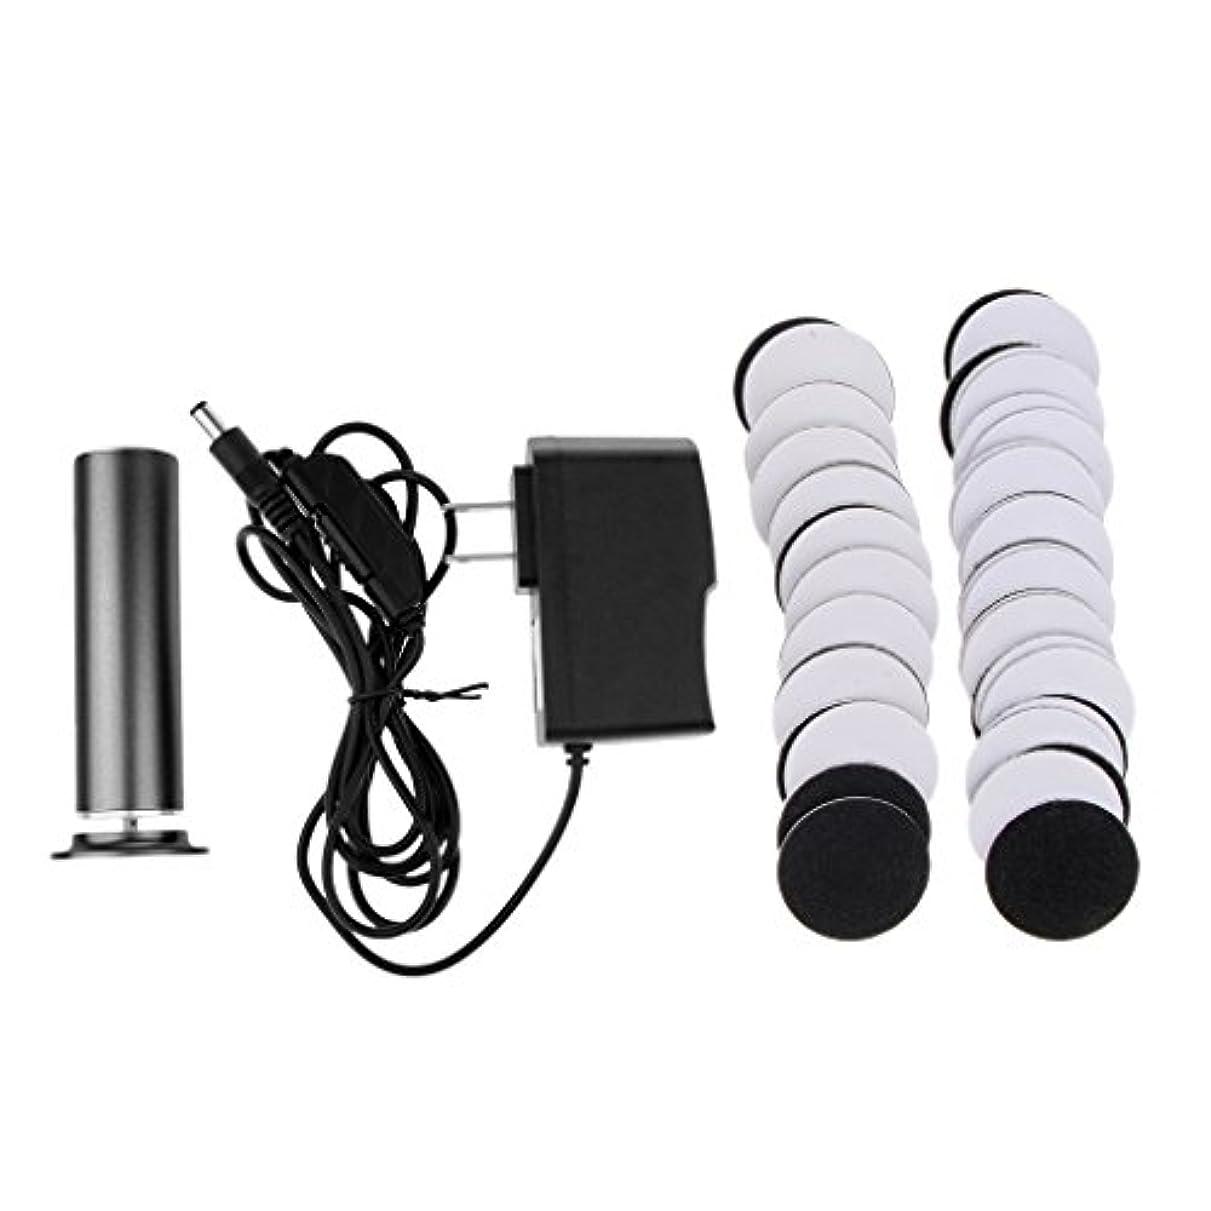 デンプシー集計固めるKesoto カルスリムーバー 電気リムーバー ペディキュア 交換用 サンドペーパーディスク 2色選べ - ブラック